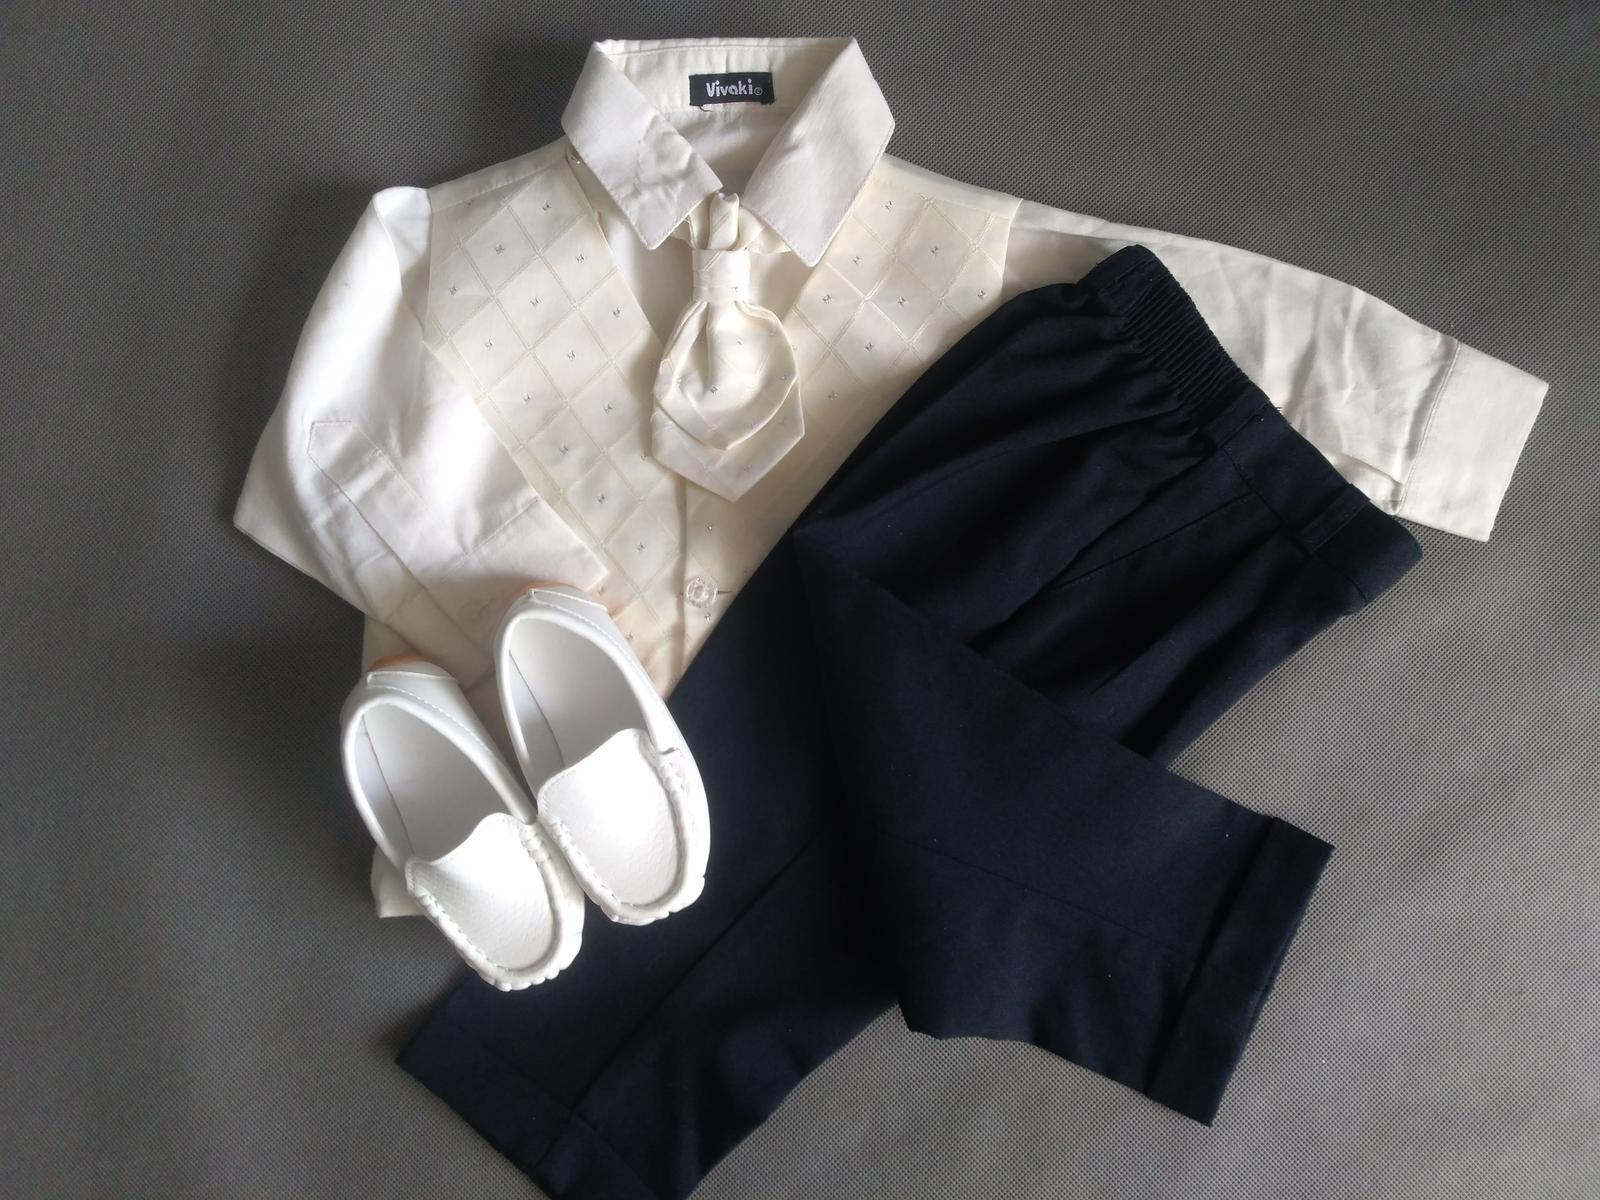 SKLADEM - k zapůjčení ivory oblek 9-12 měsíců - Obrázek č. 2